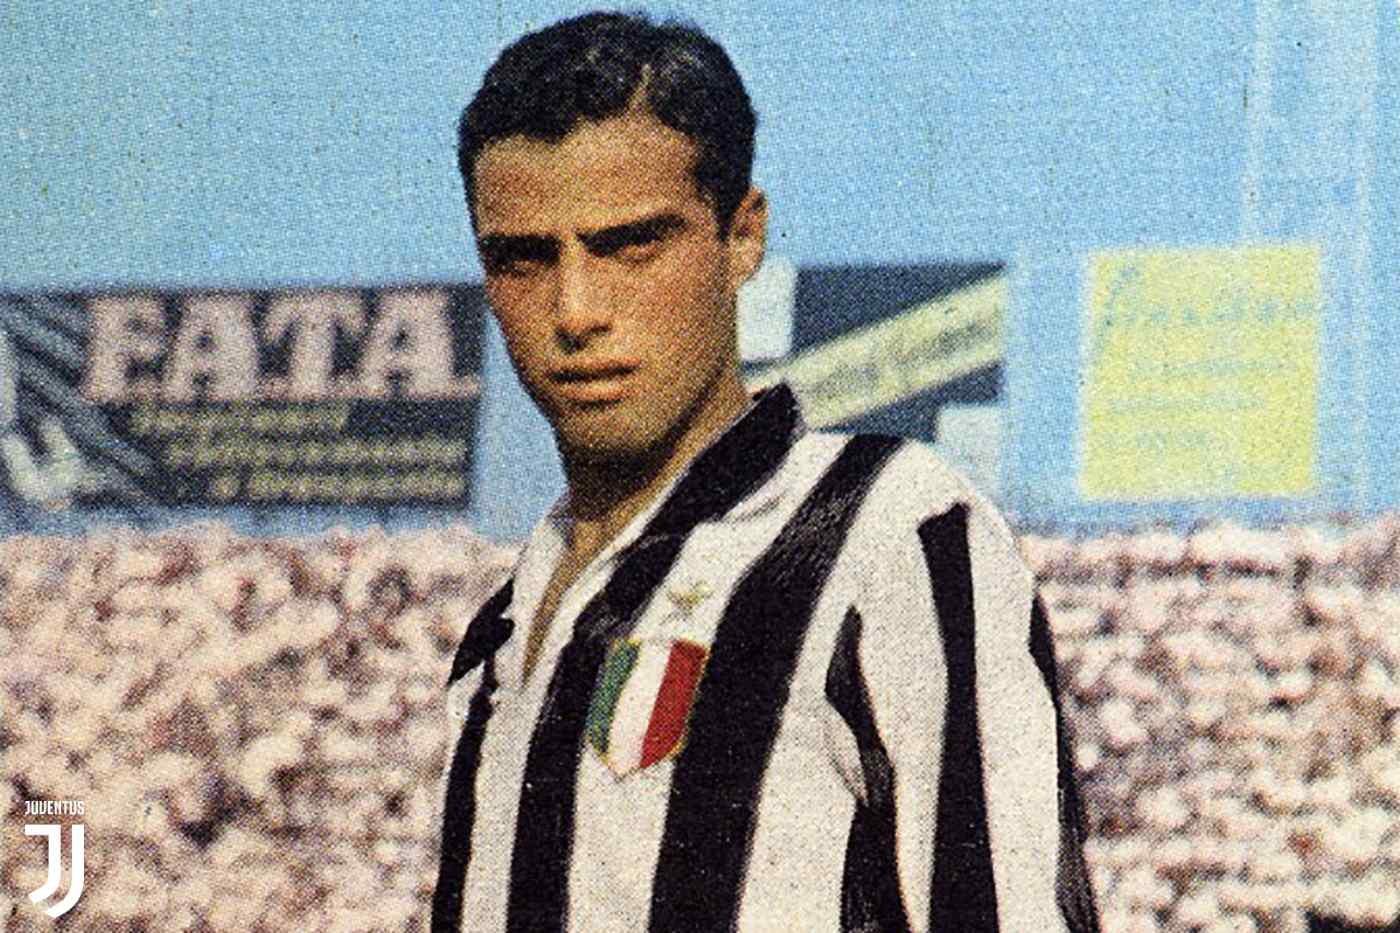 27 novembre: Bruno Nicolè, ex calciatore italiano (79 anni)